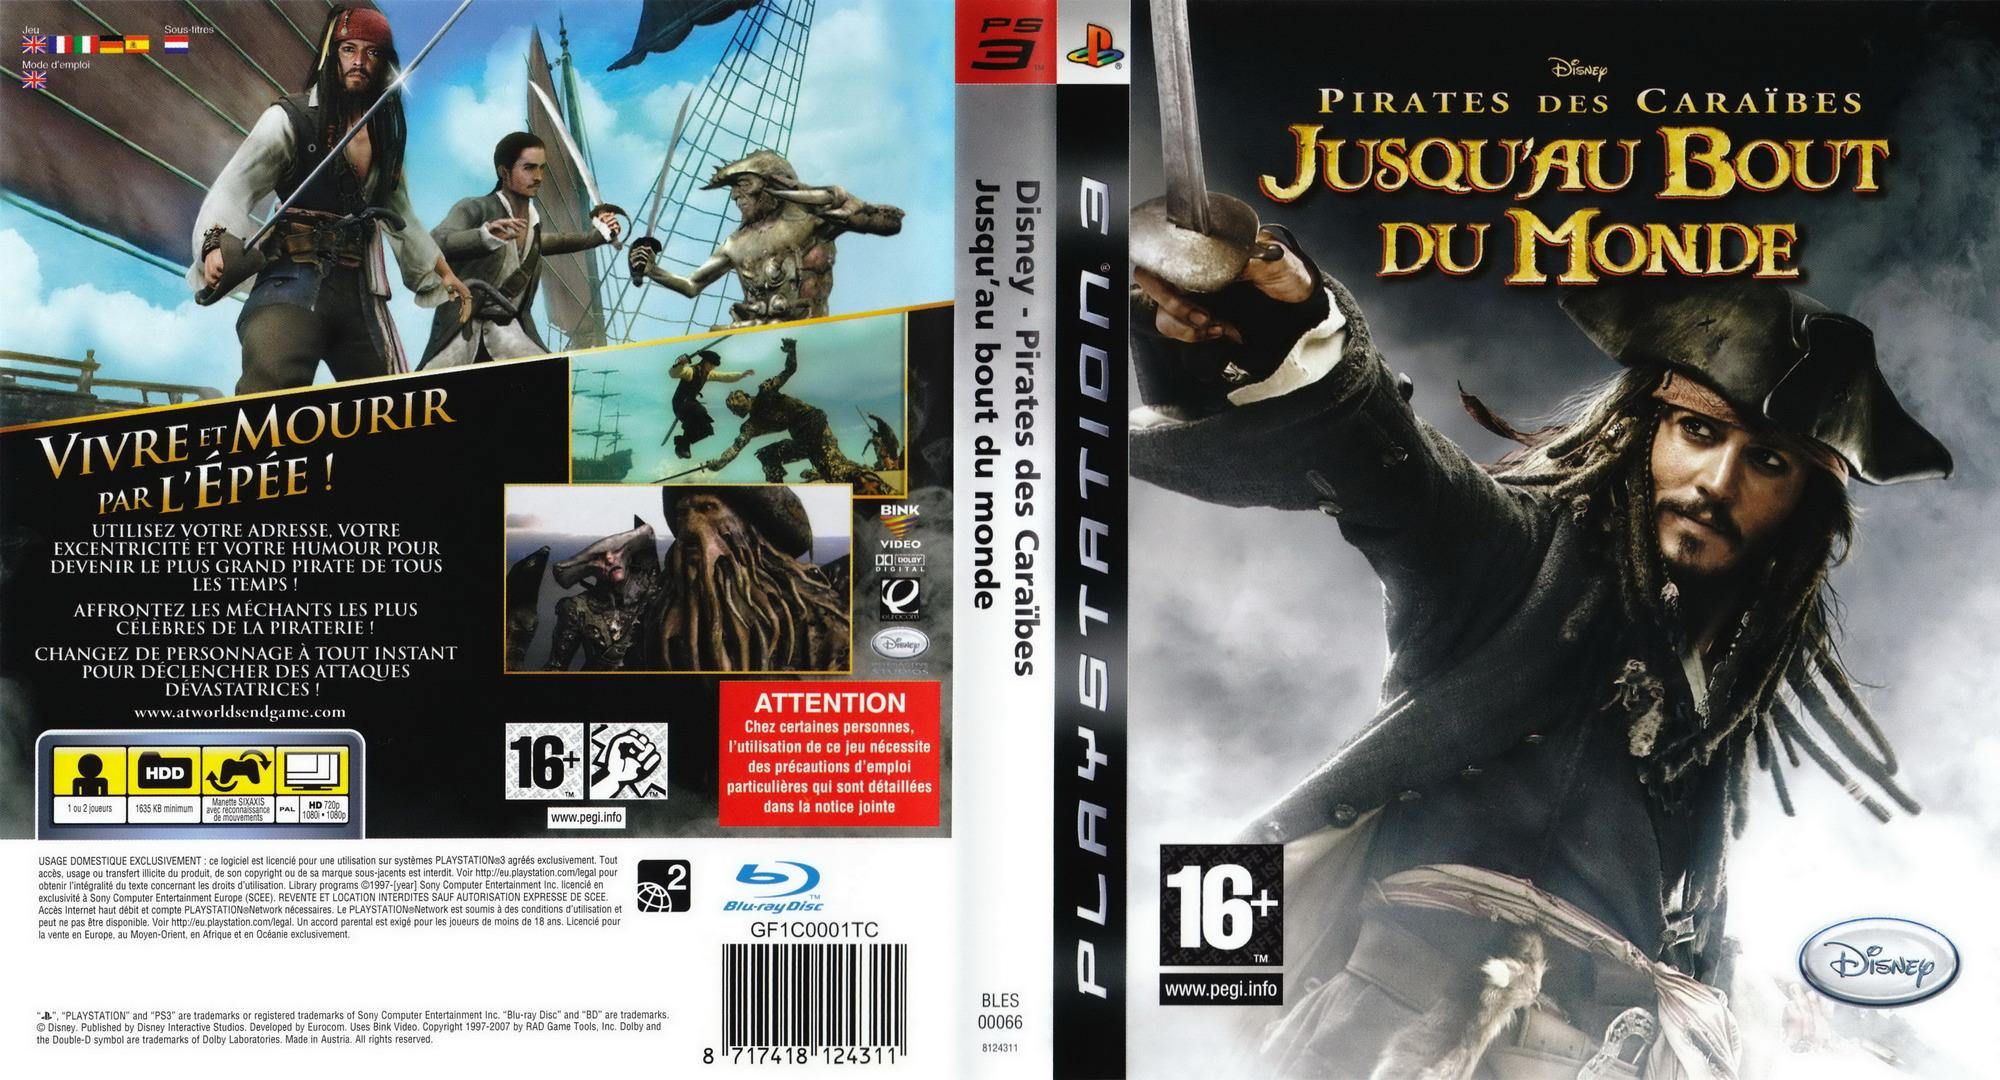 Pirates des Caraïbes:Jusqu'au Bout du Monde PS3 coverfullHQ (BLES00066)